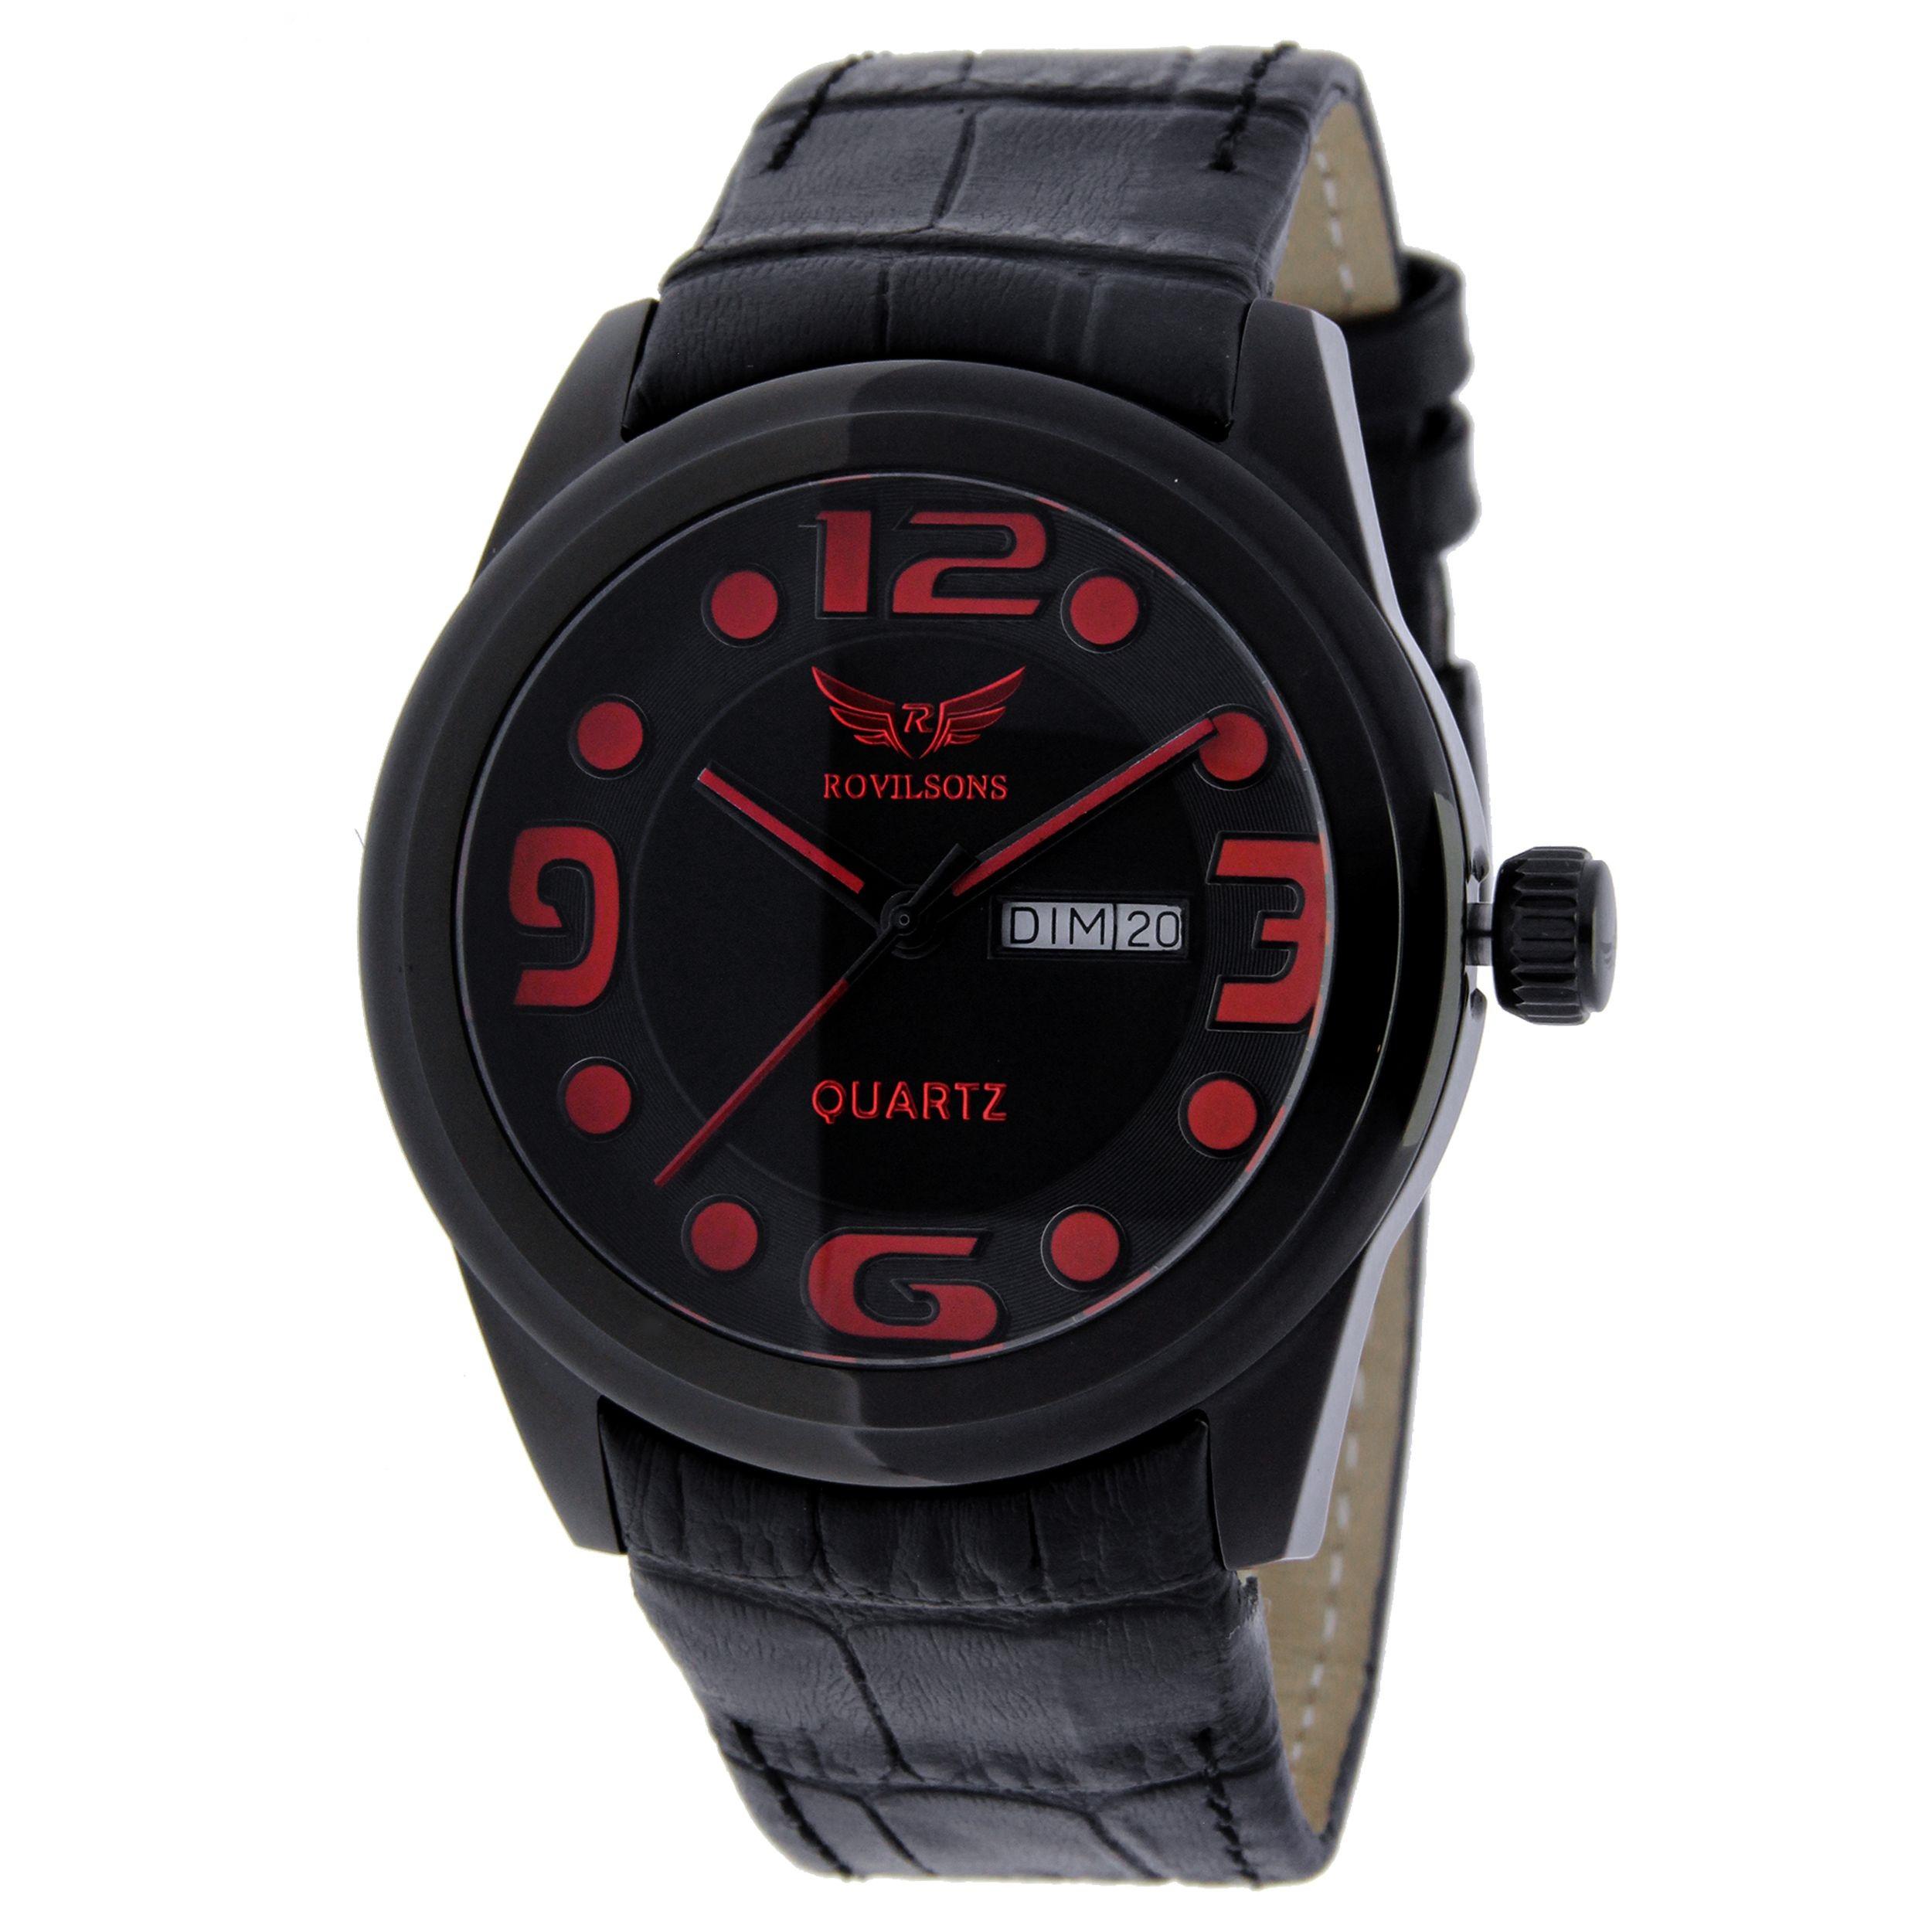 ساعت مچی عقربه ای مردانه راویلسون مدل 1-RW-019G